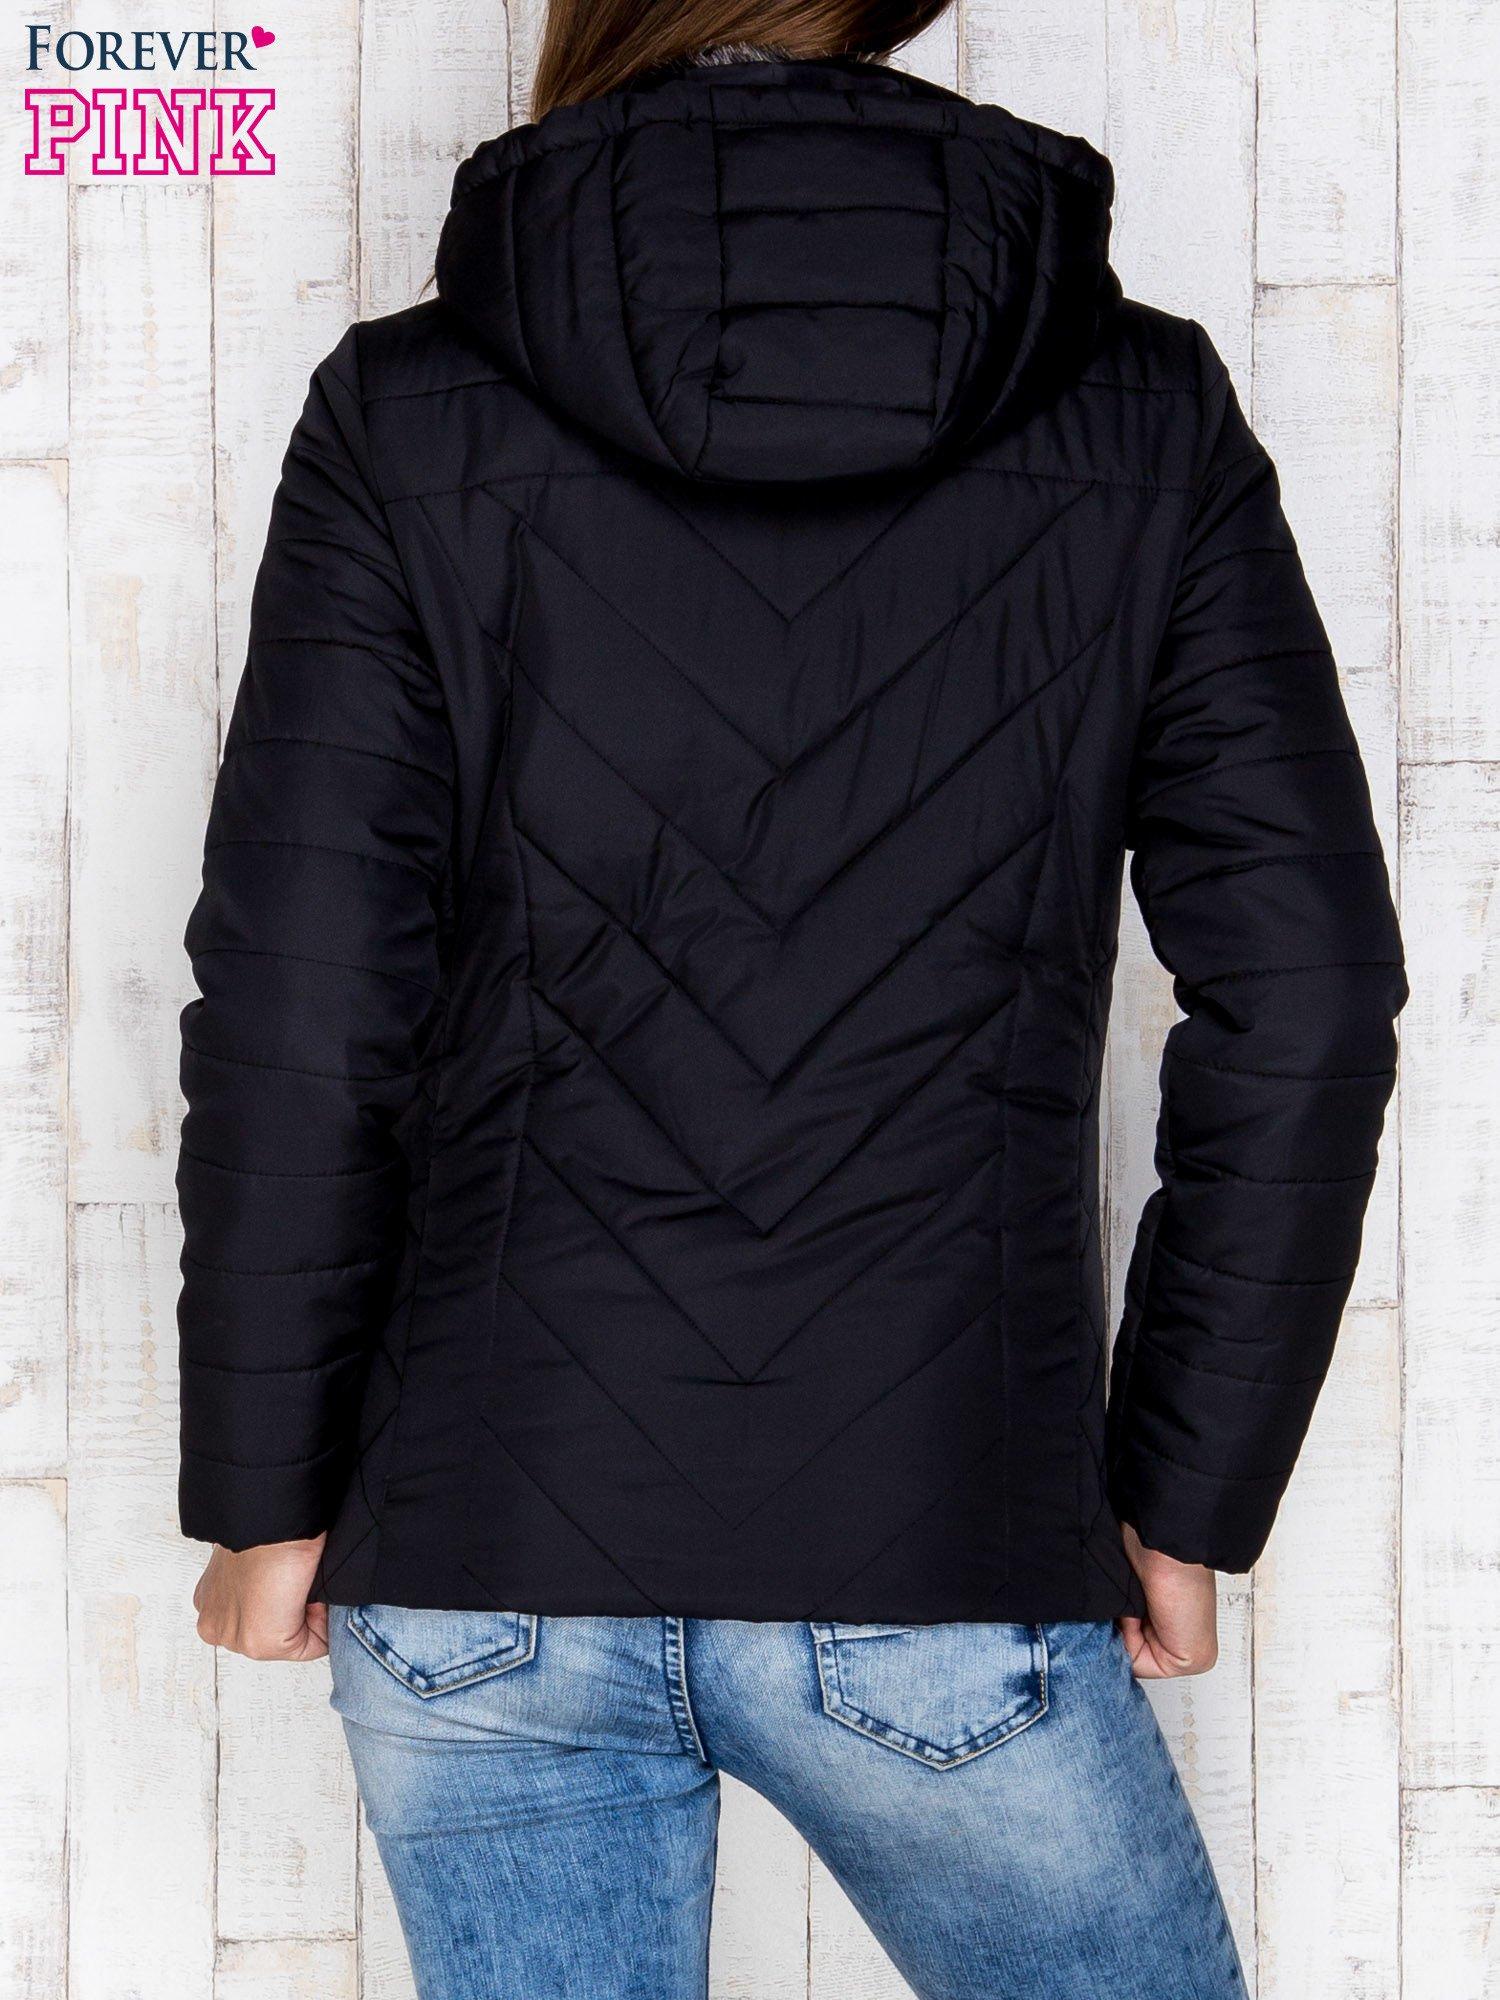 Czarna pikowana kurtka z kapturem i futrzanym kołnierzem                                  zdj.                                  2